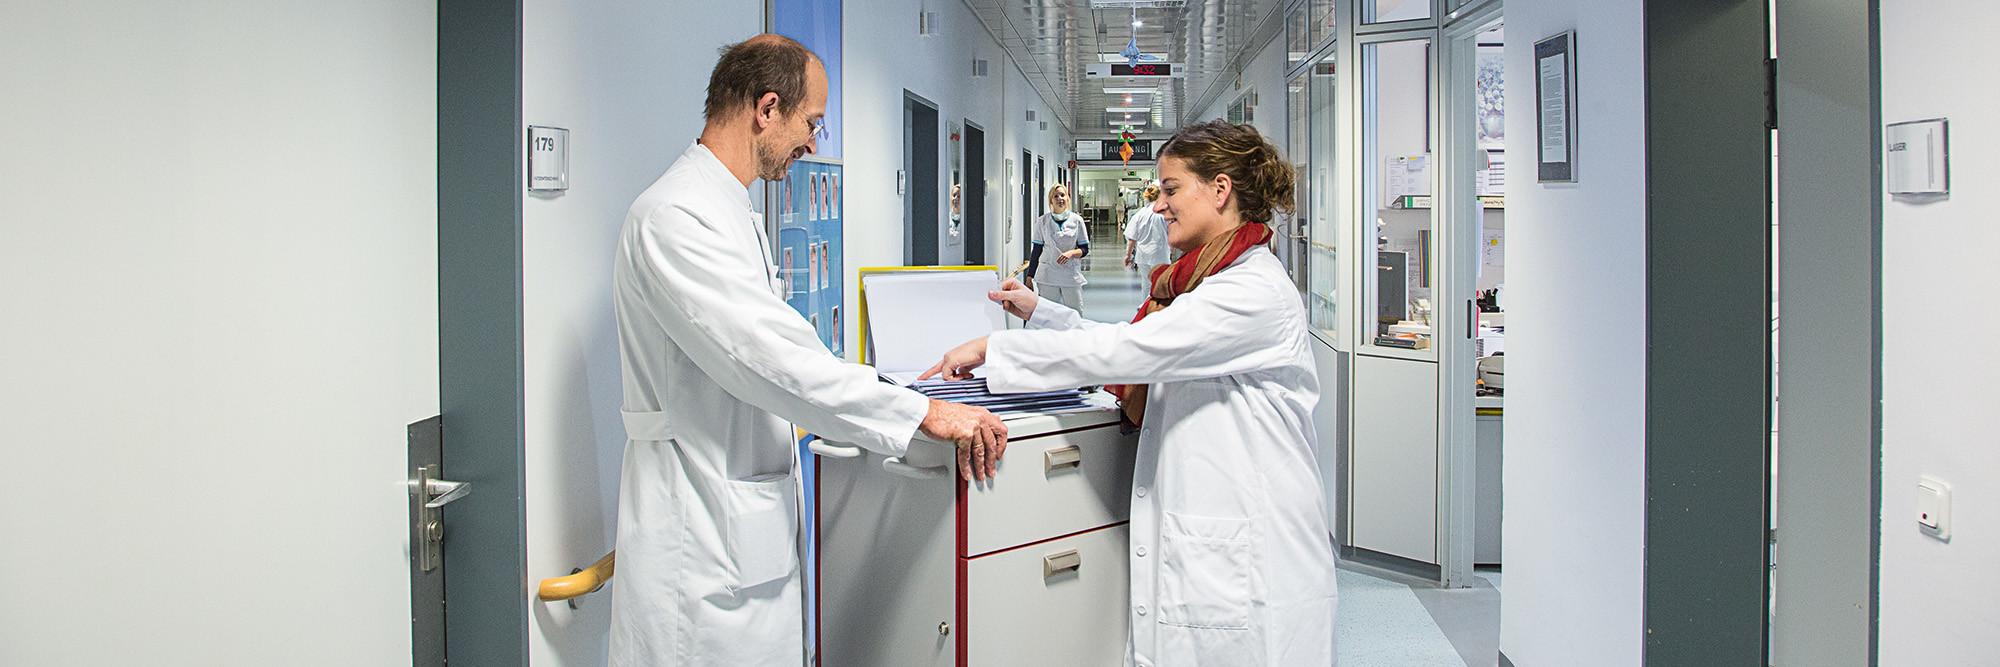 Eine Apothekerin berät einen Arzt zur Medikation, im Hintergrund ein hell erleuchteter Krankenhausflur.